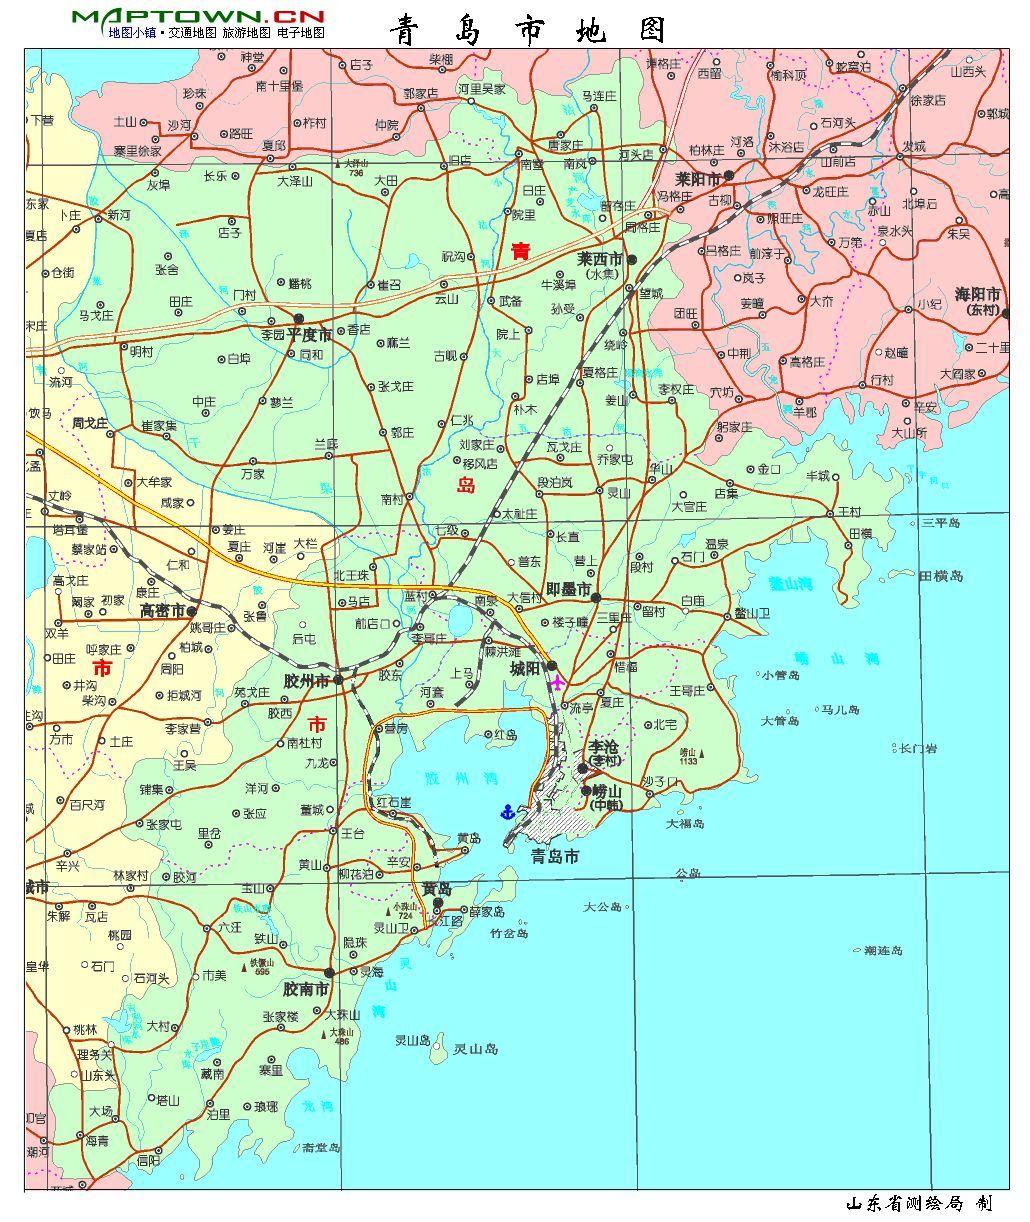 梦幻海底普陀山地图